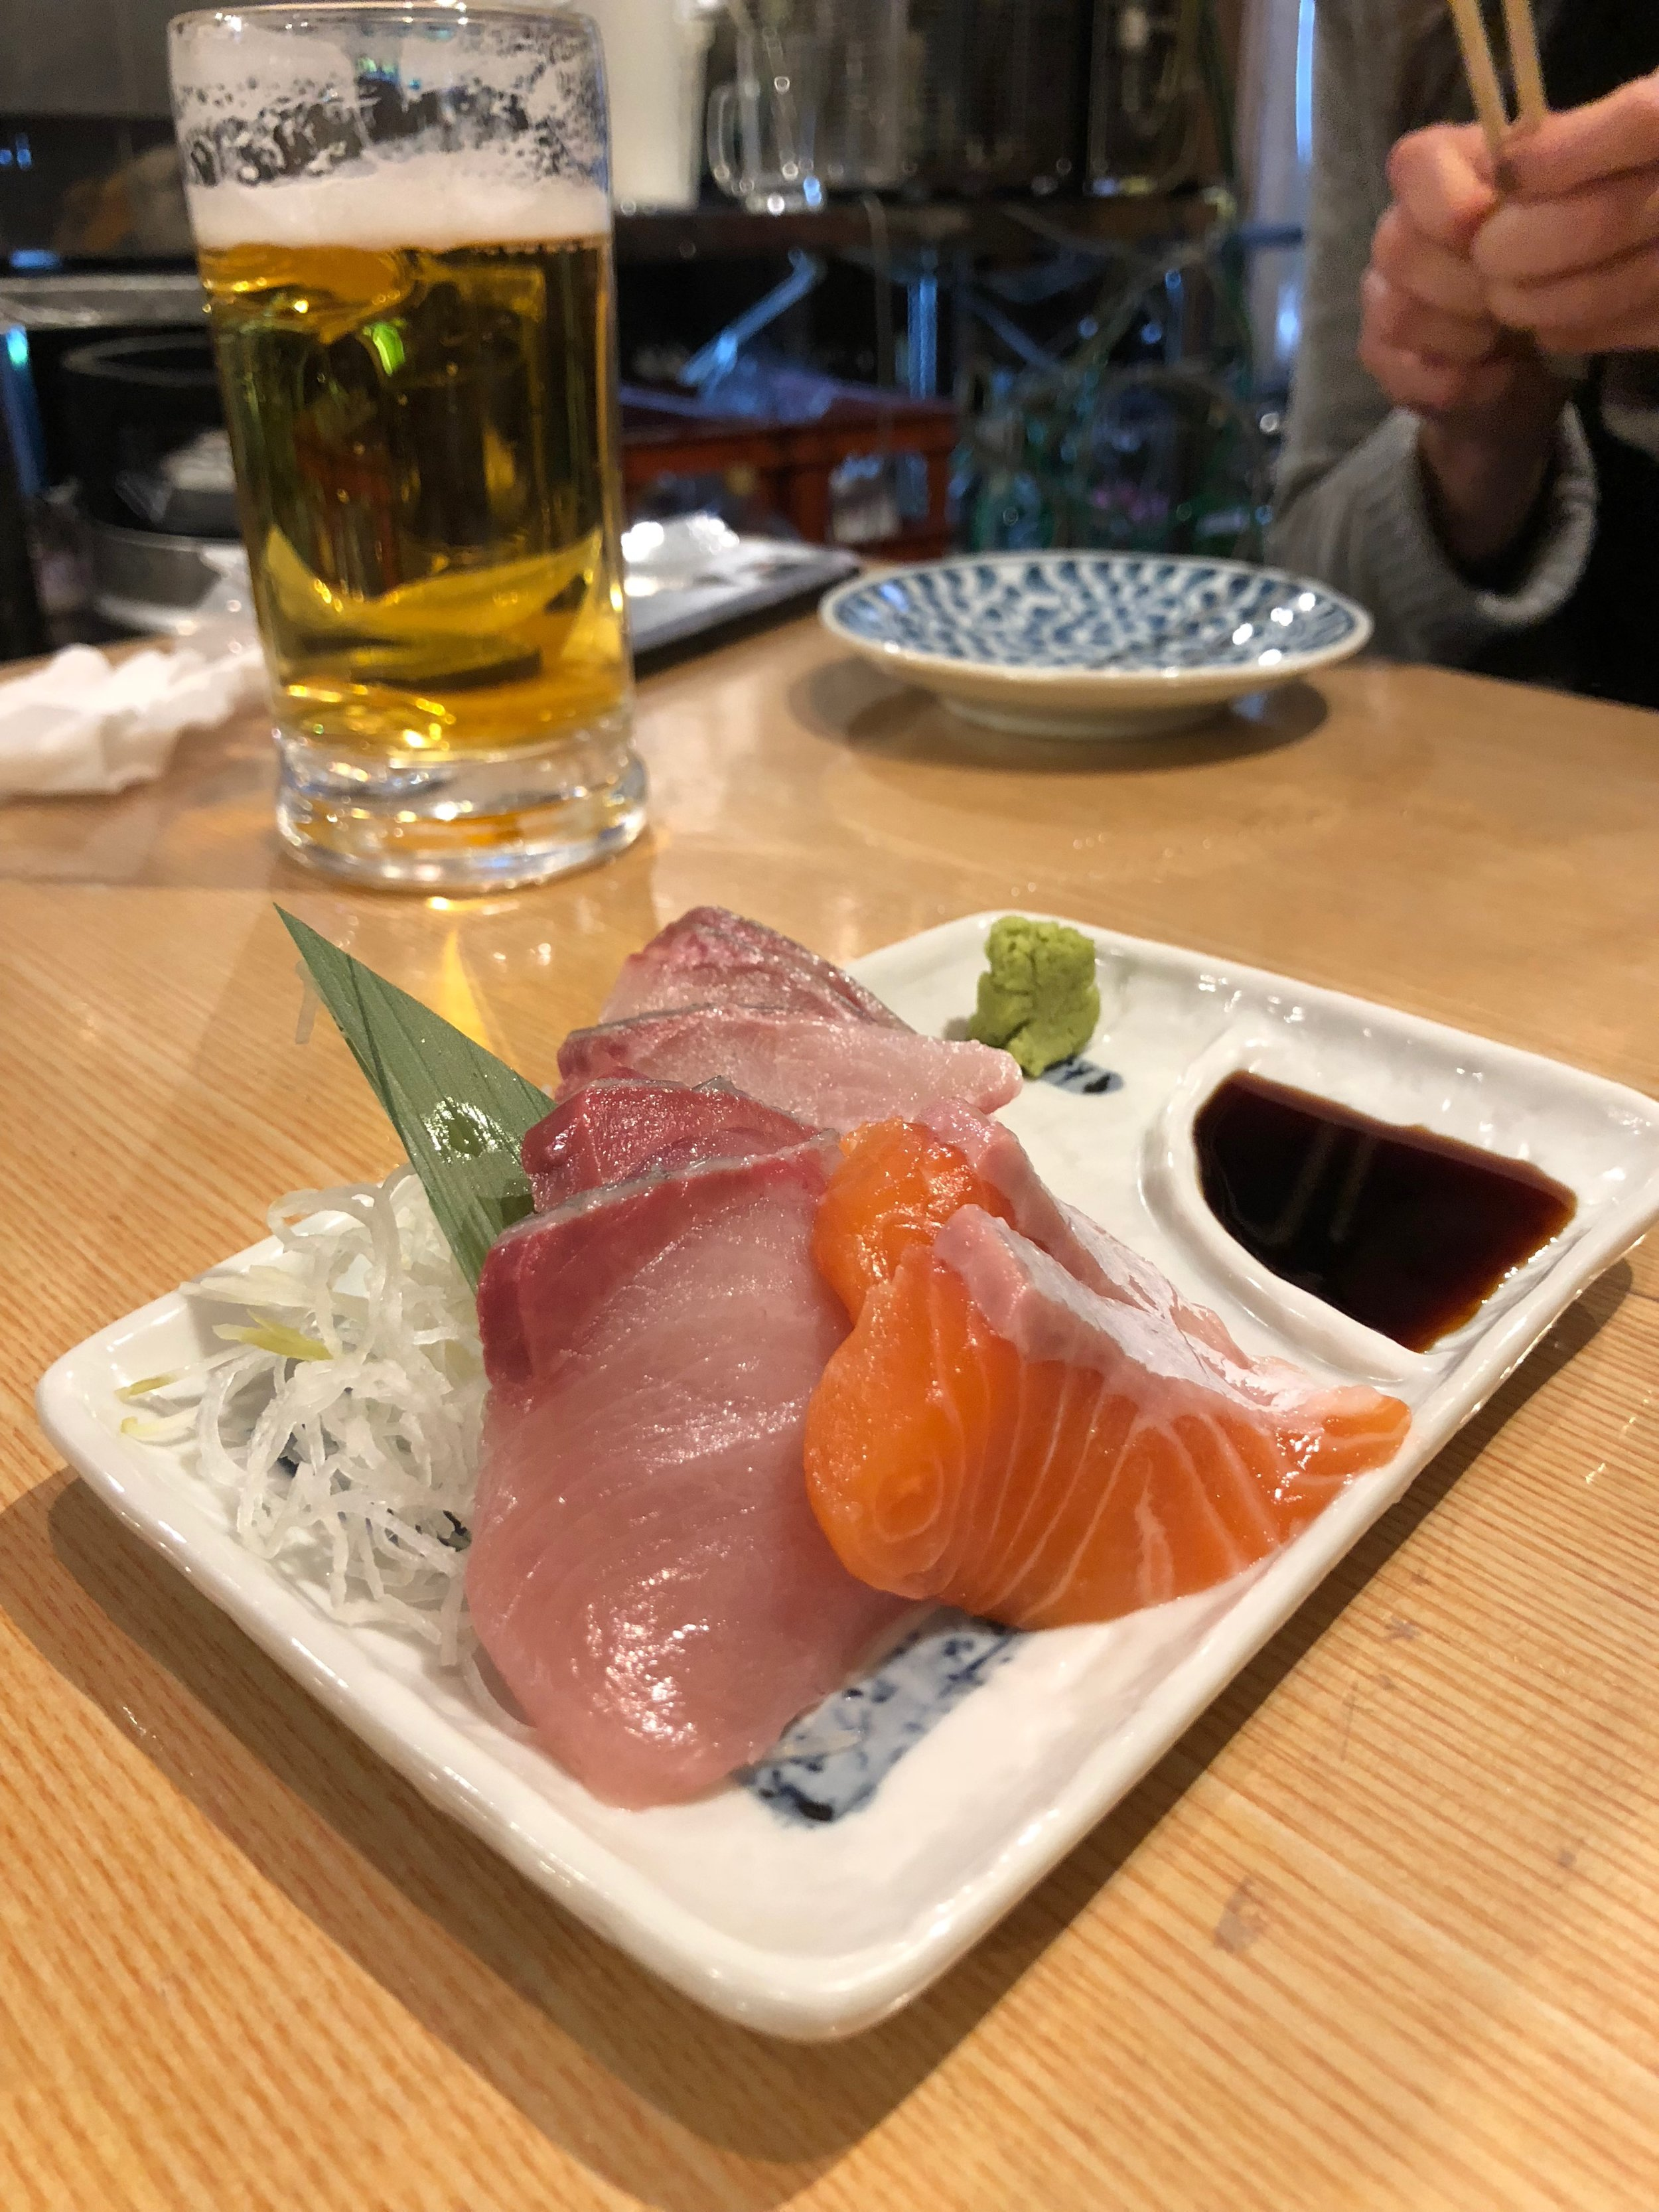 Pescado de salmón y atún cortados con wasabi y salsa soya a lado.